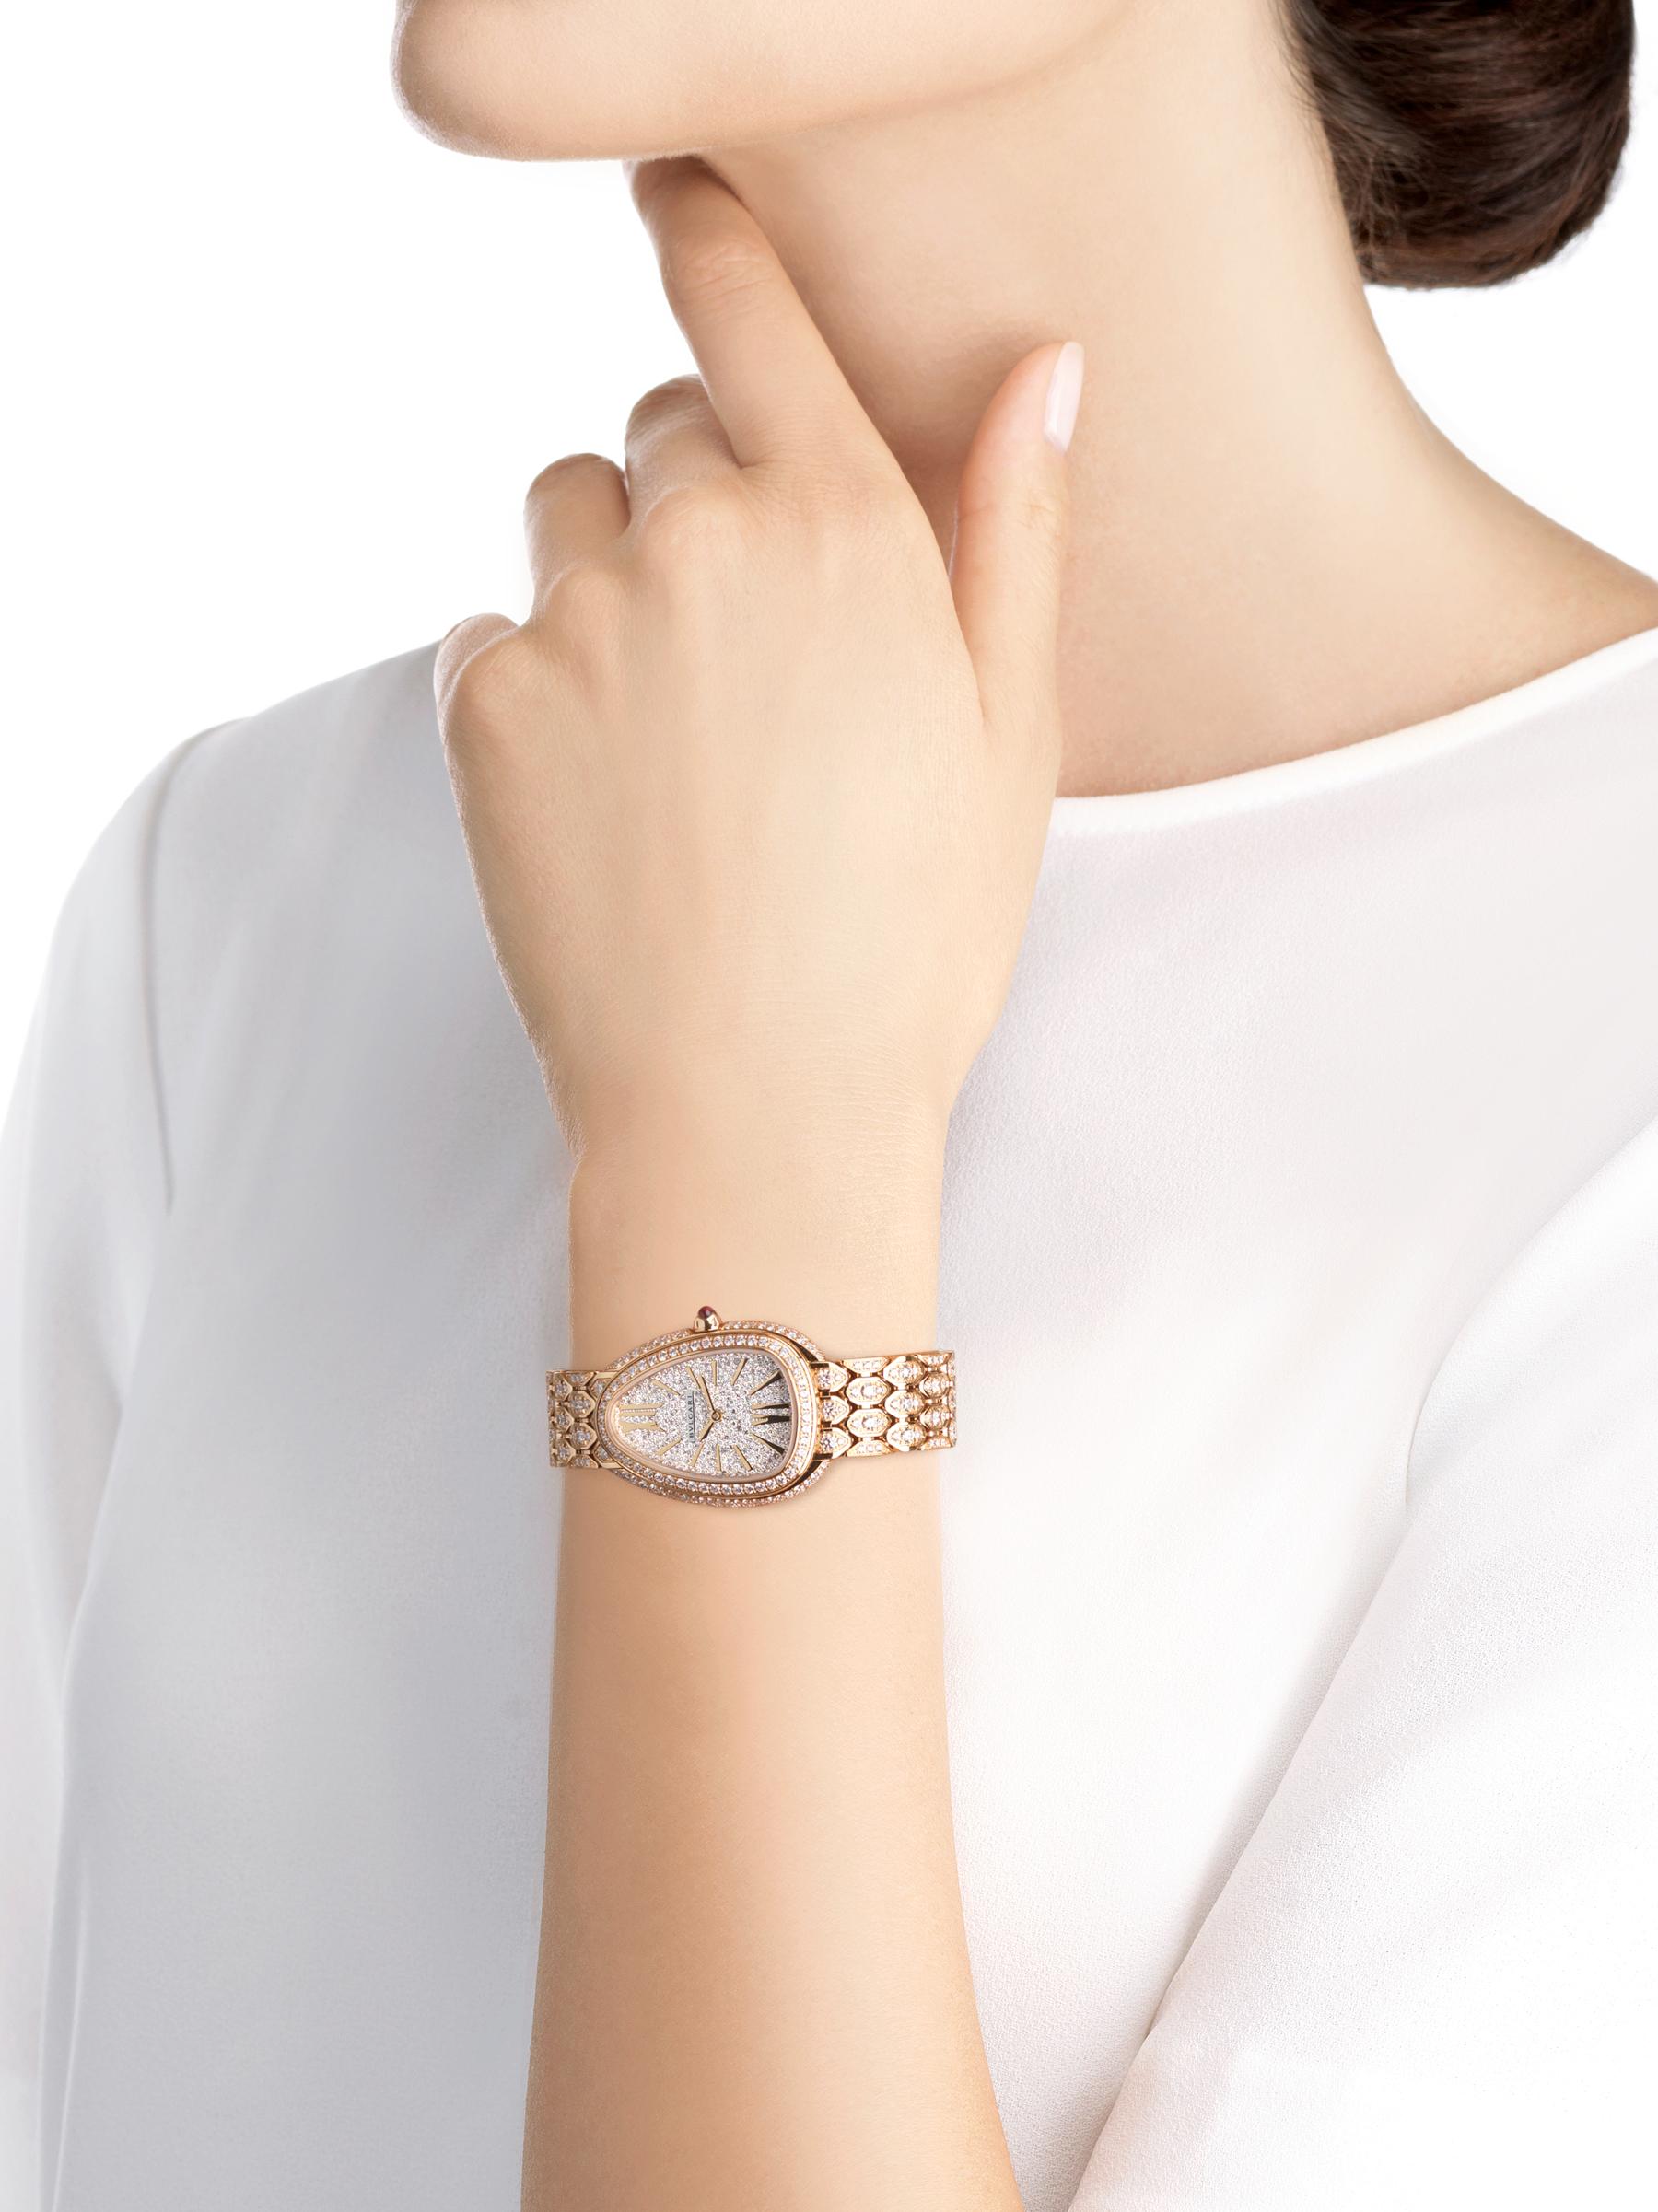 Orologio Serpenti Seduttori con cassa e bracciale in oro rosa 18 kt con diamanti e quadrante con pavé di diamanti. 103160 image 4